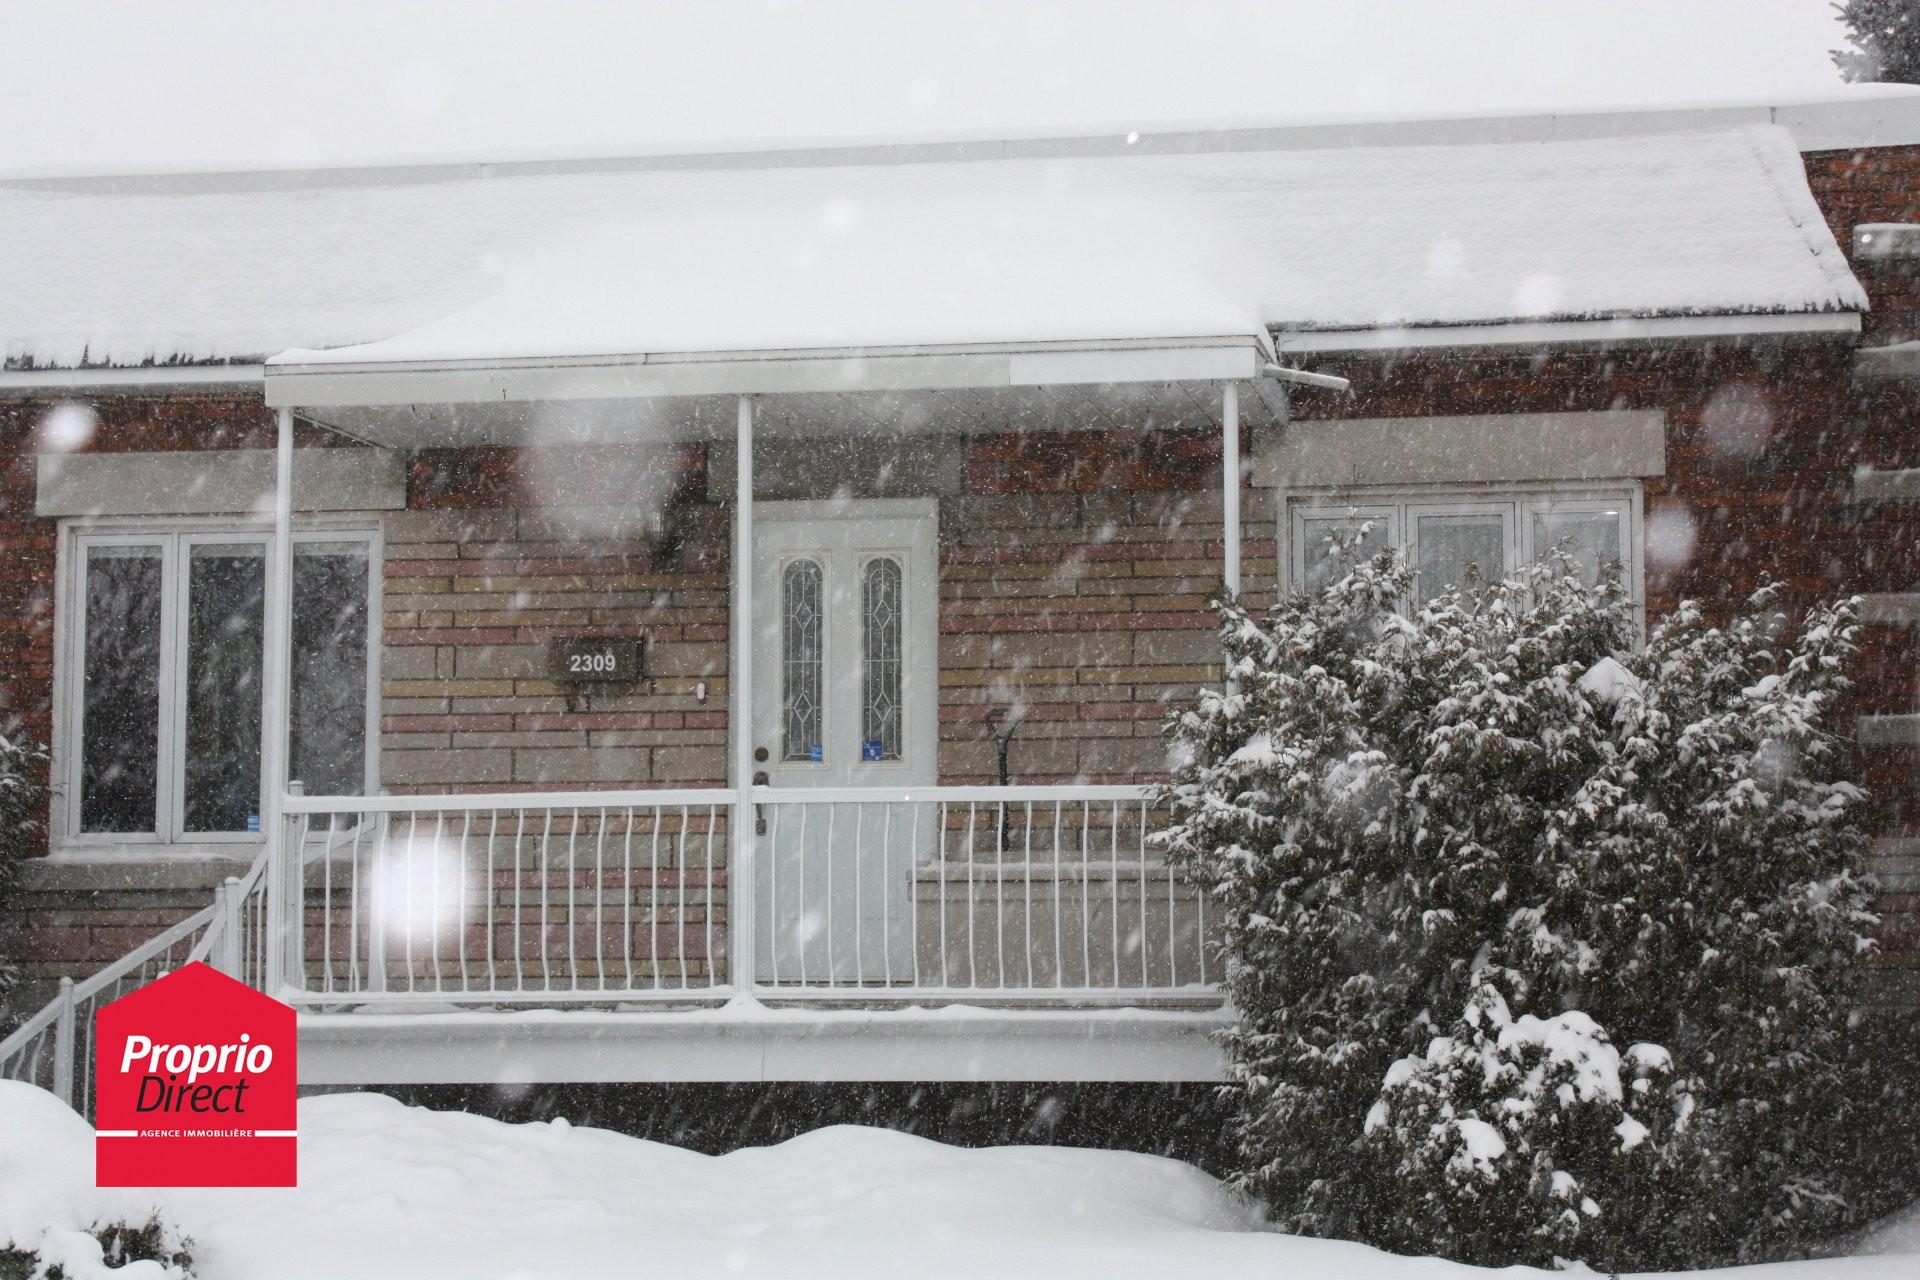 Maison de plain pied vendre 2309 rue monsabr mercier for Acheter une maison a montreal